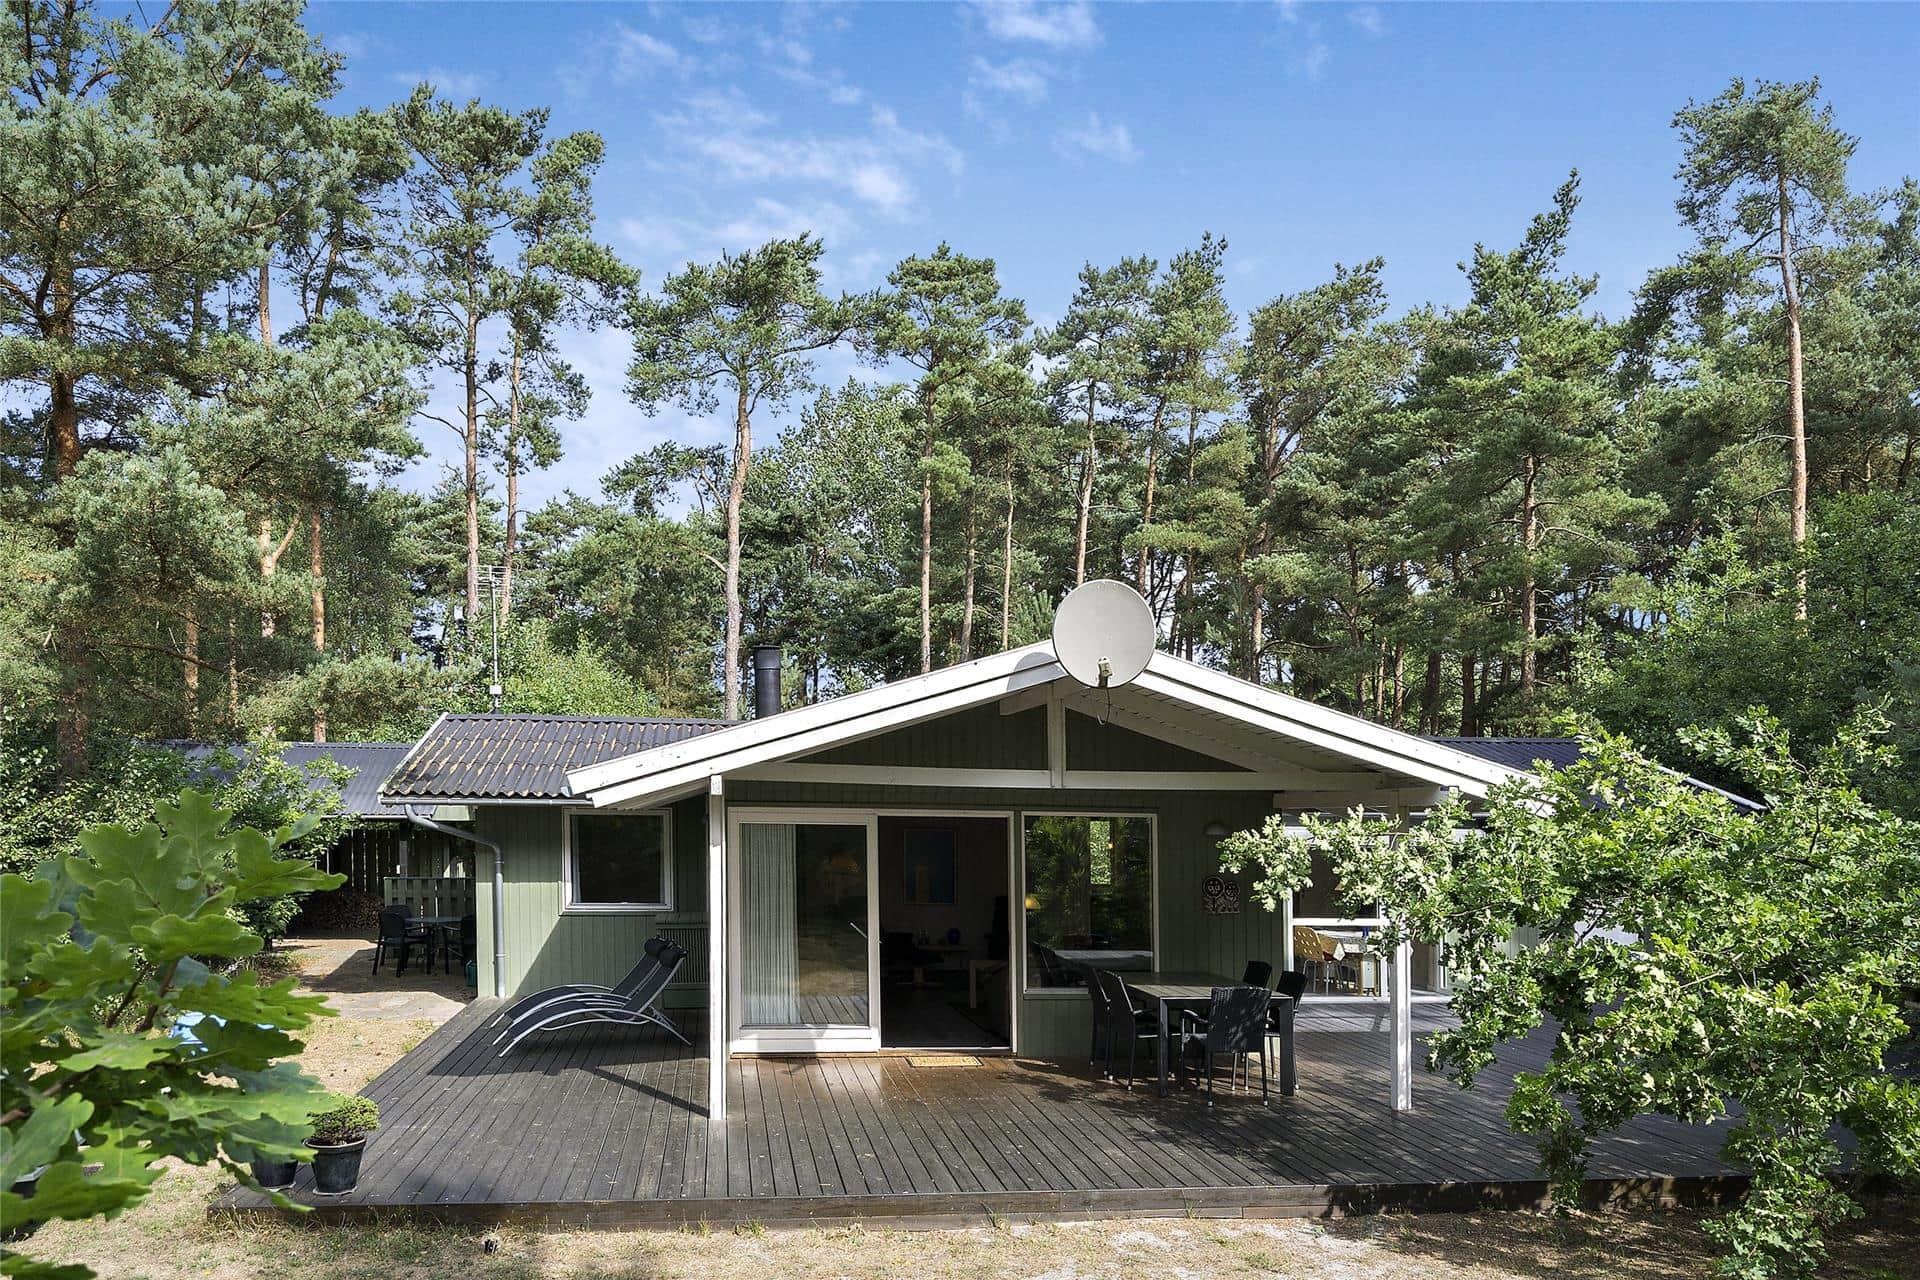 Bild 1-10 Stuga 1316, Ellekrogen 3, DK - 3720 Aakirkeby